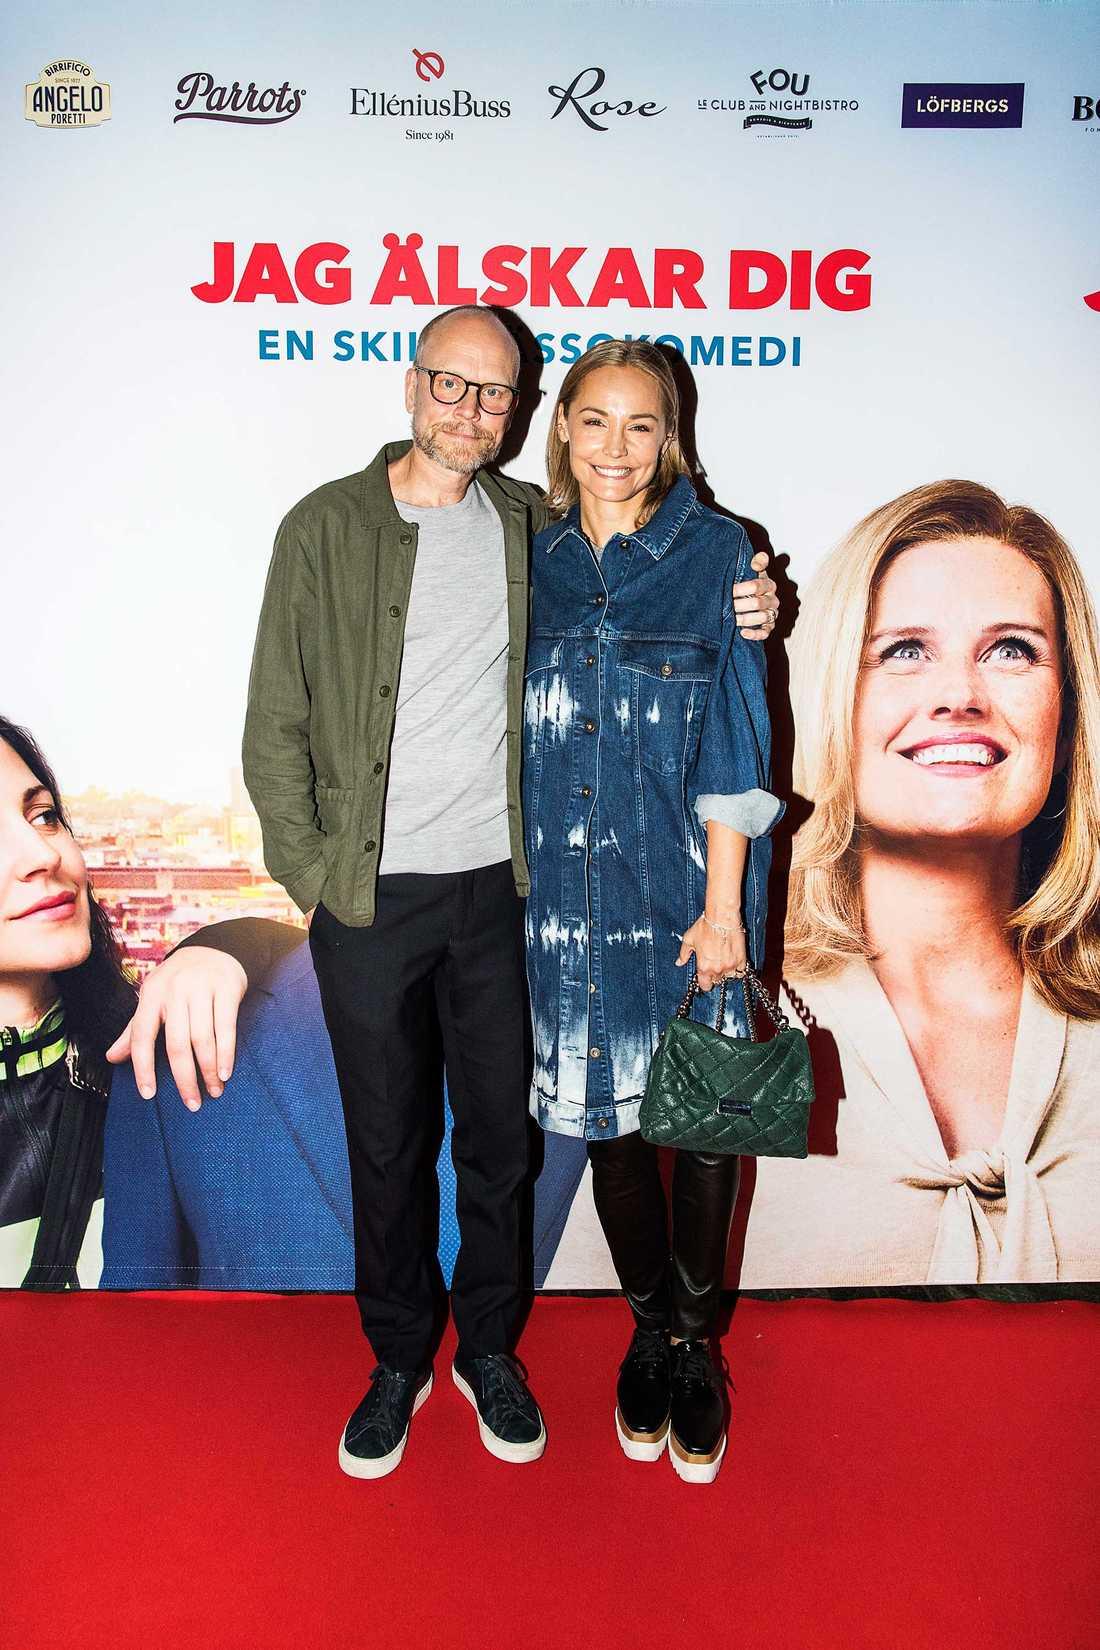 """Så sent som den 26 september premiärvimlade Luuk & Berg ihop på biograf Rigoletto i Stockholm. Filmen: """"Jag älskar dig – en skilsmässokomedi""""..."""